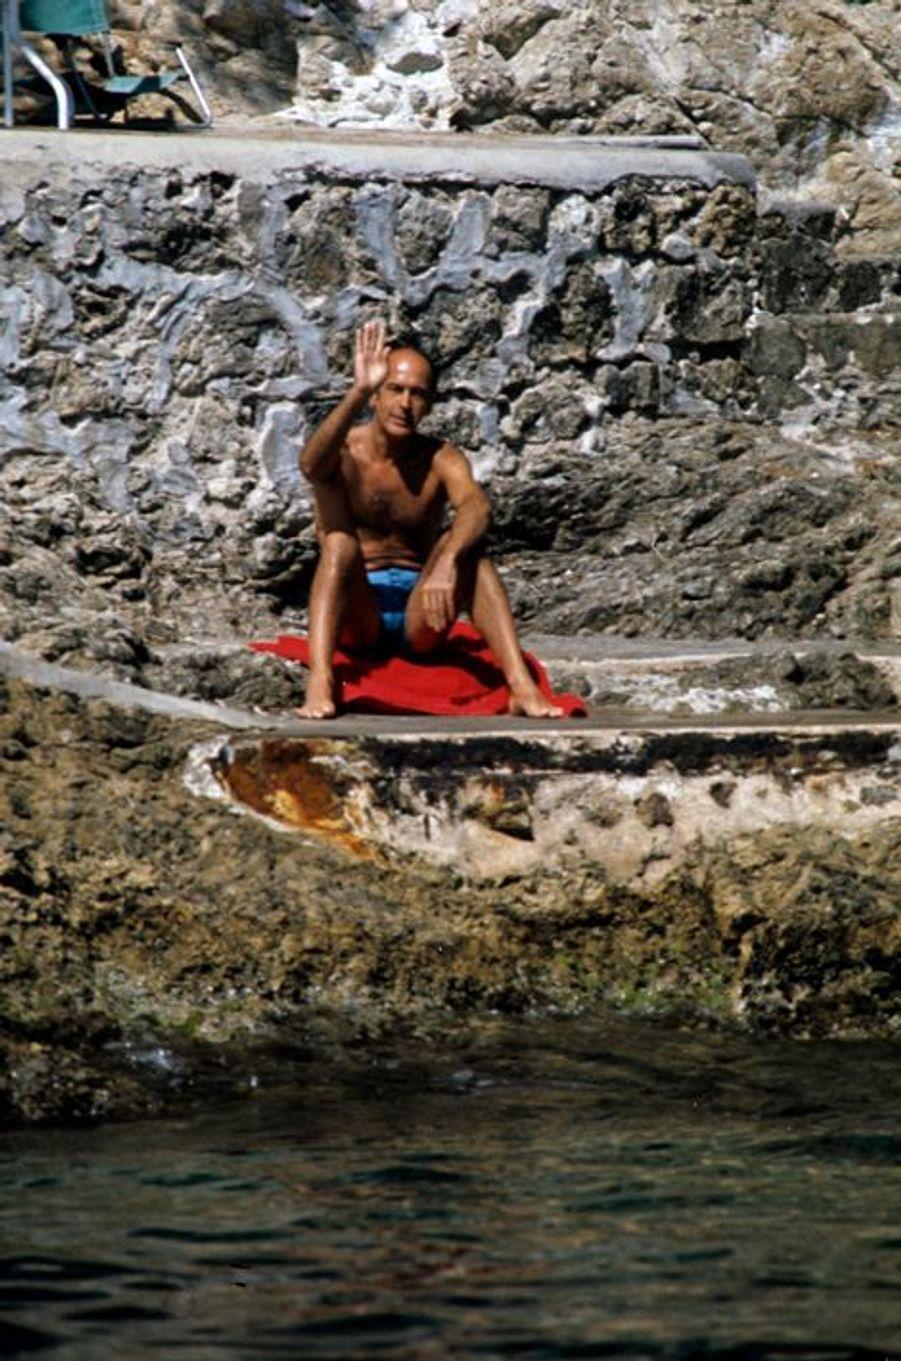 Valéry Giscard d'Estaing bronzé, en maillot de bain, assis en bord de mer, saluant de la main le photographe, en vacances chez des amis à la Villa Primavera au Cap Ferrat.